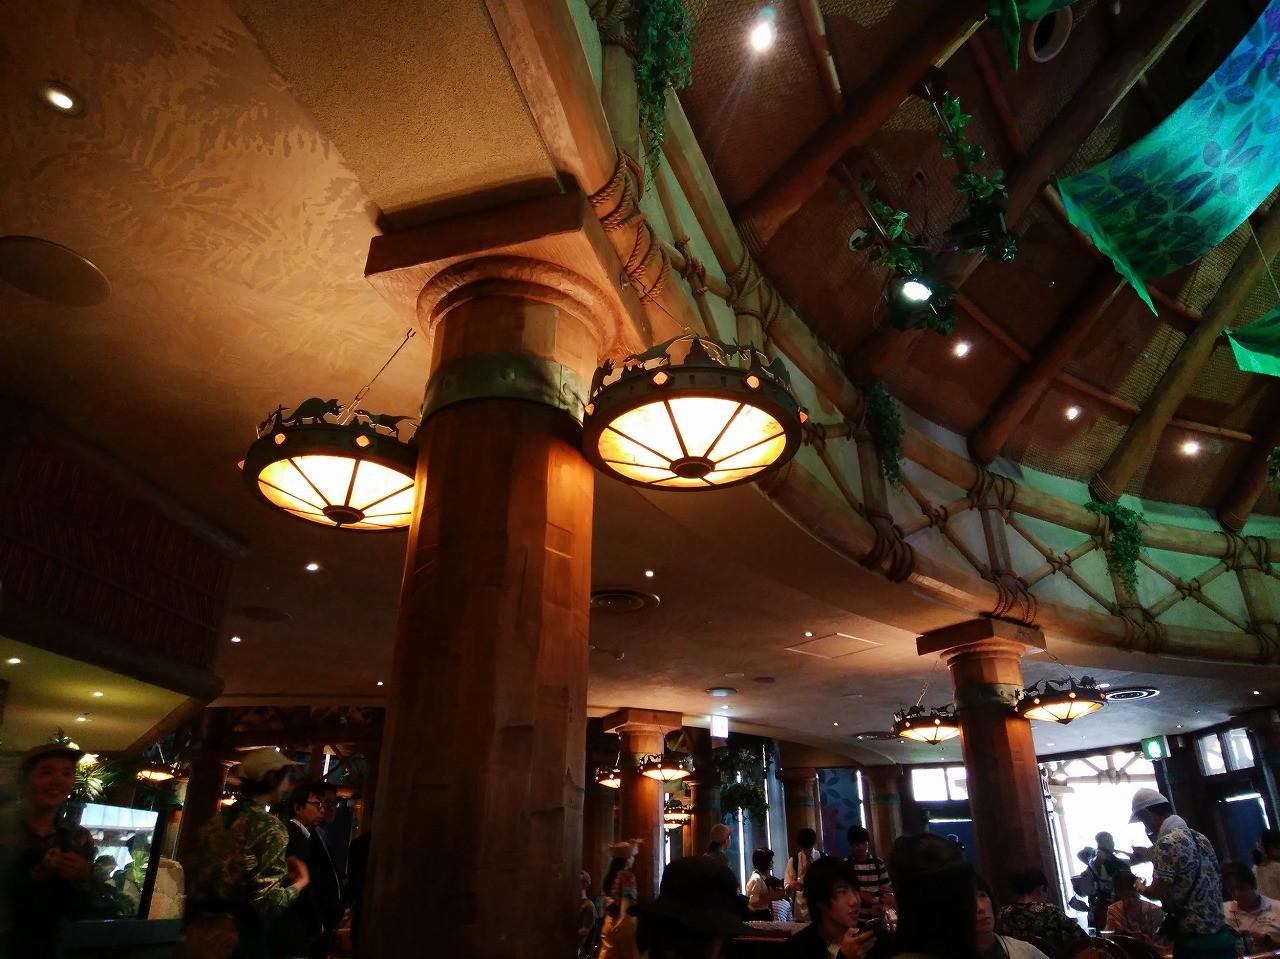 ロストワールドレストランの照明に恐竜のシルエット/USJ